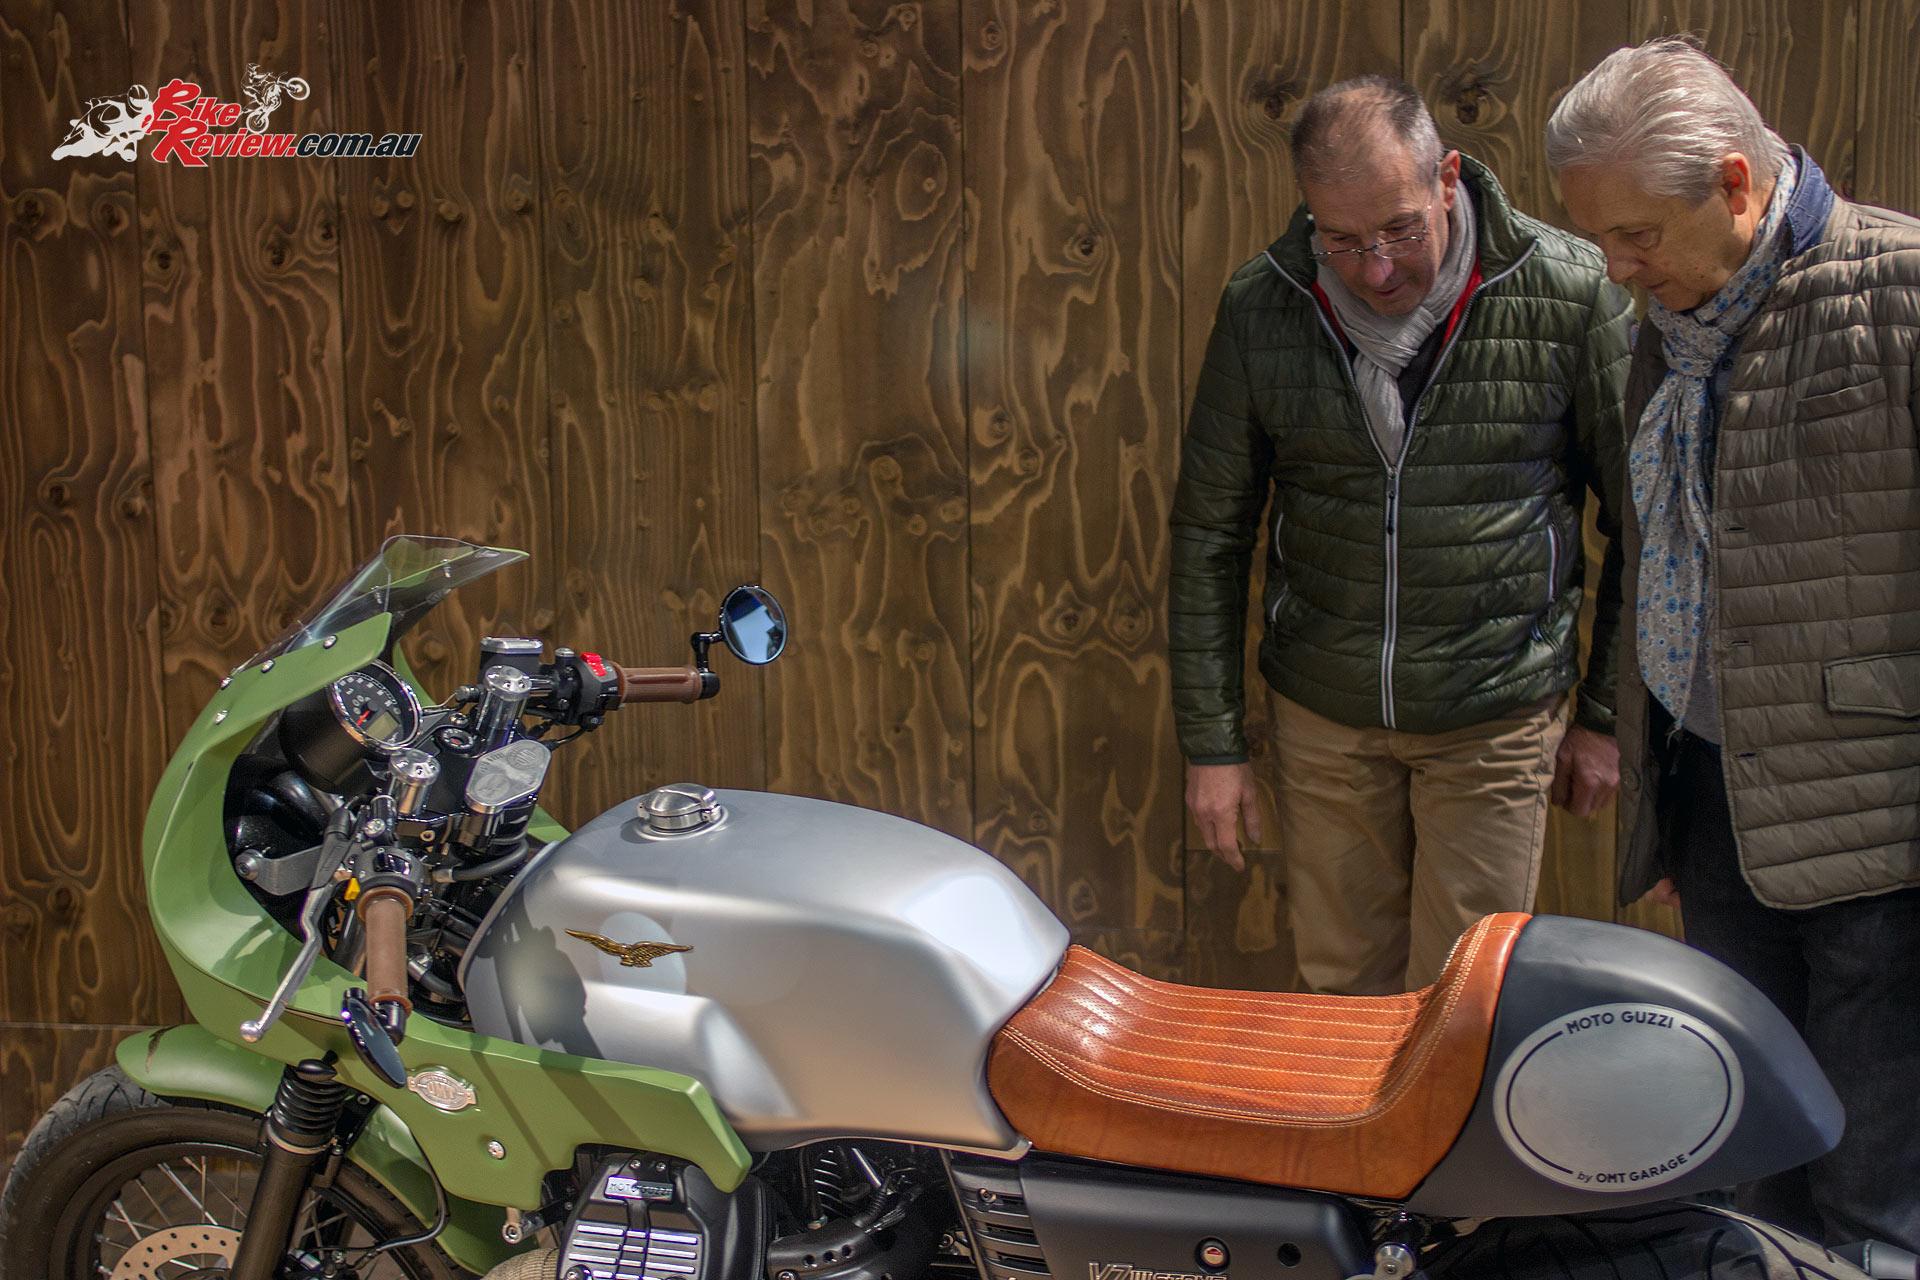 Moto Guzzi - EICMA 2016